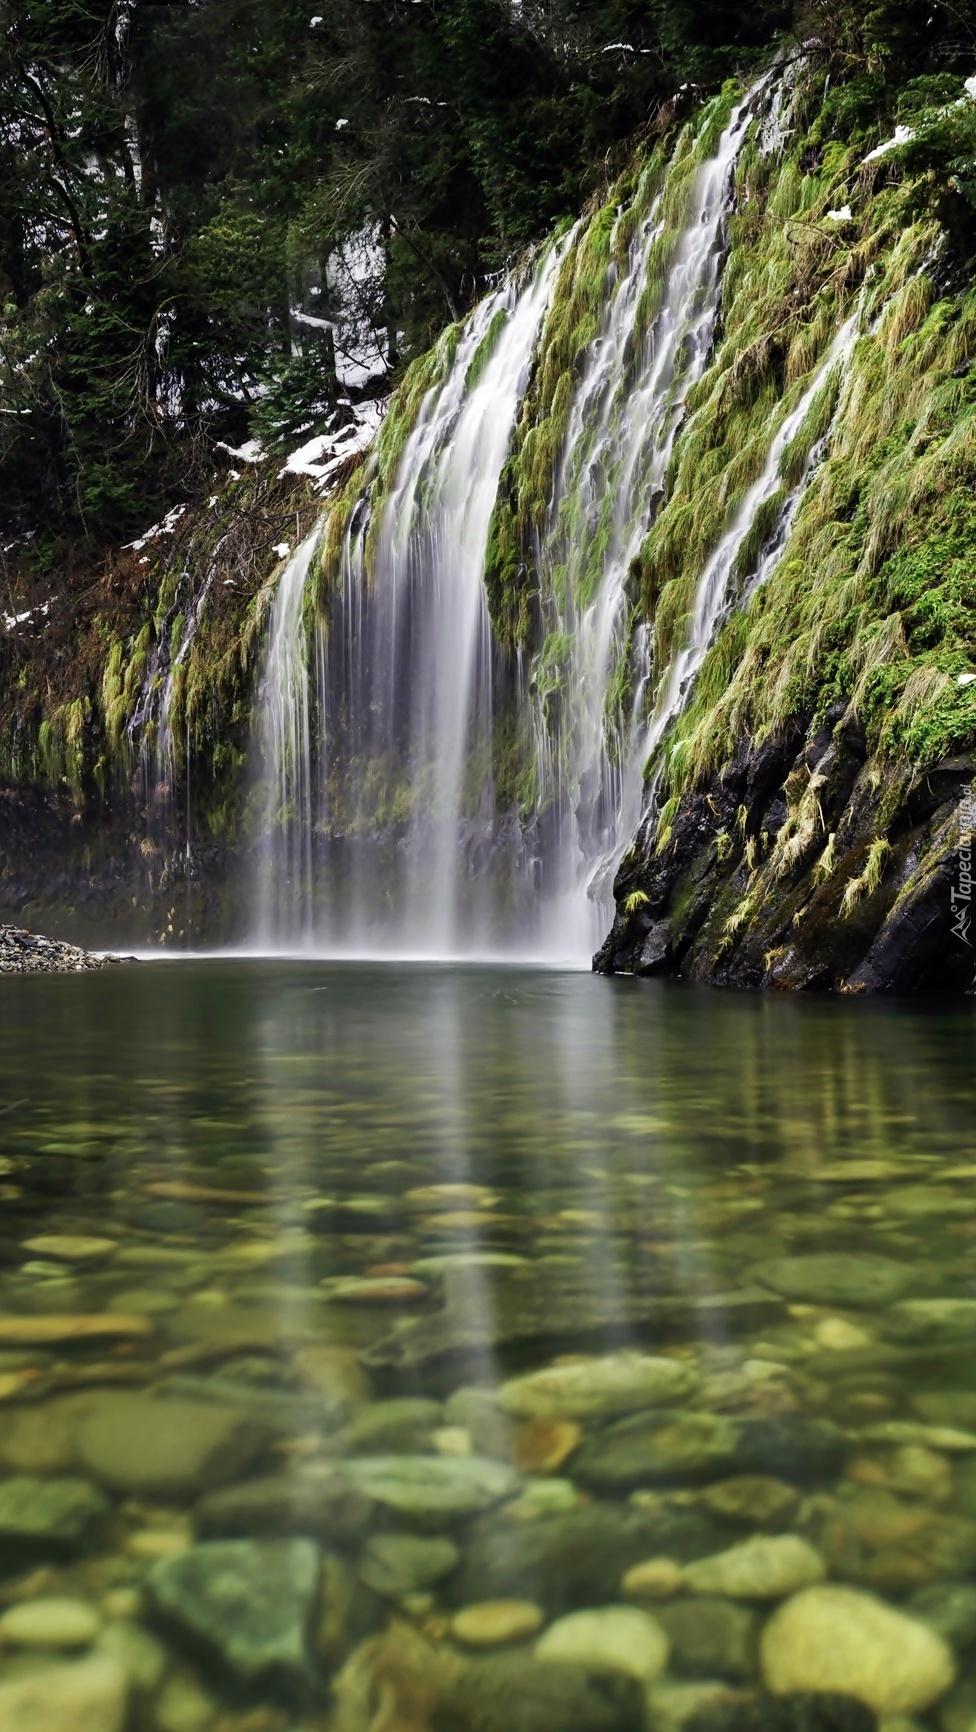 Wodospad Mossbrae